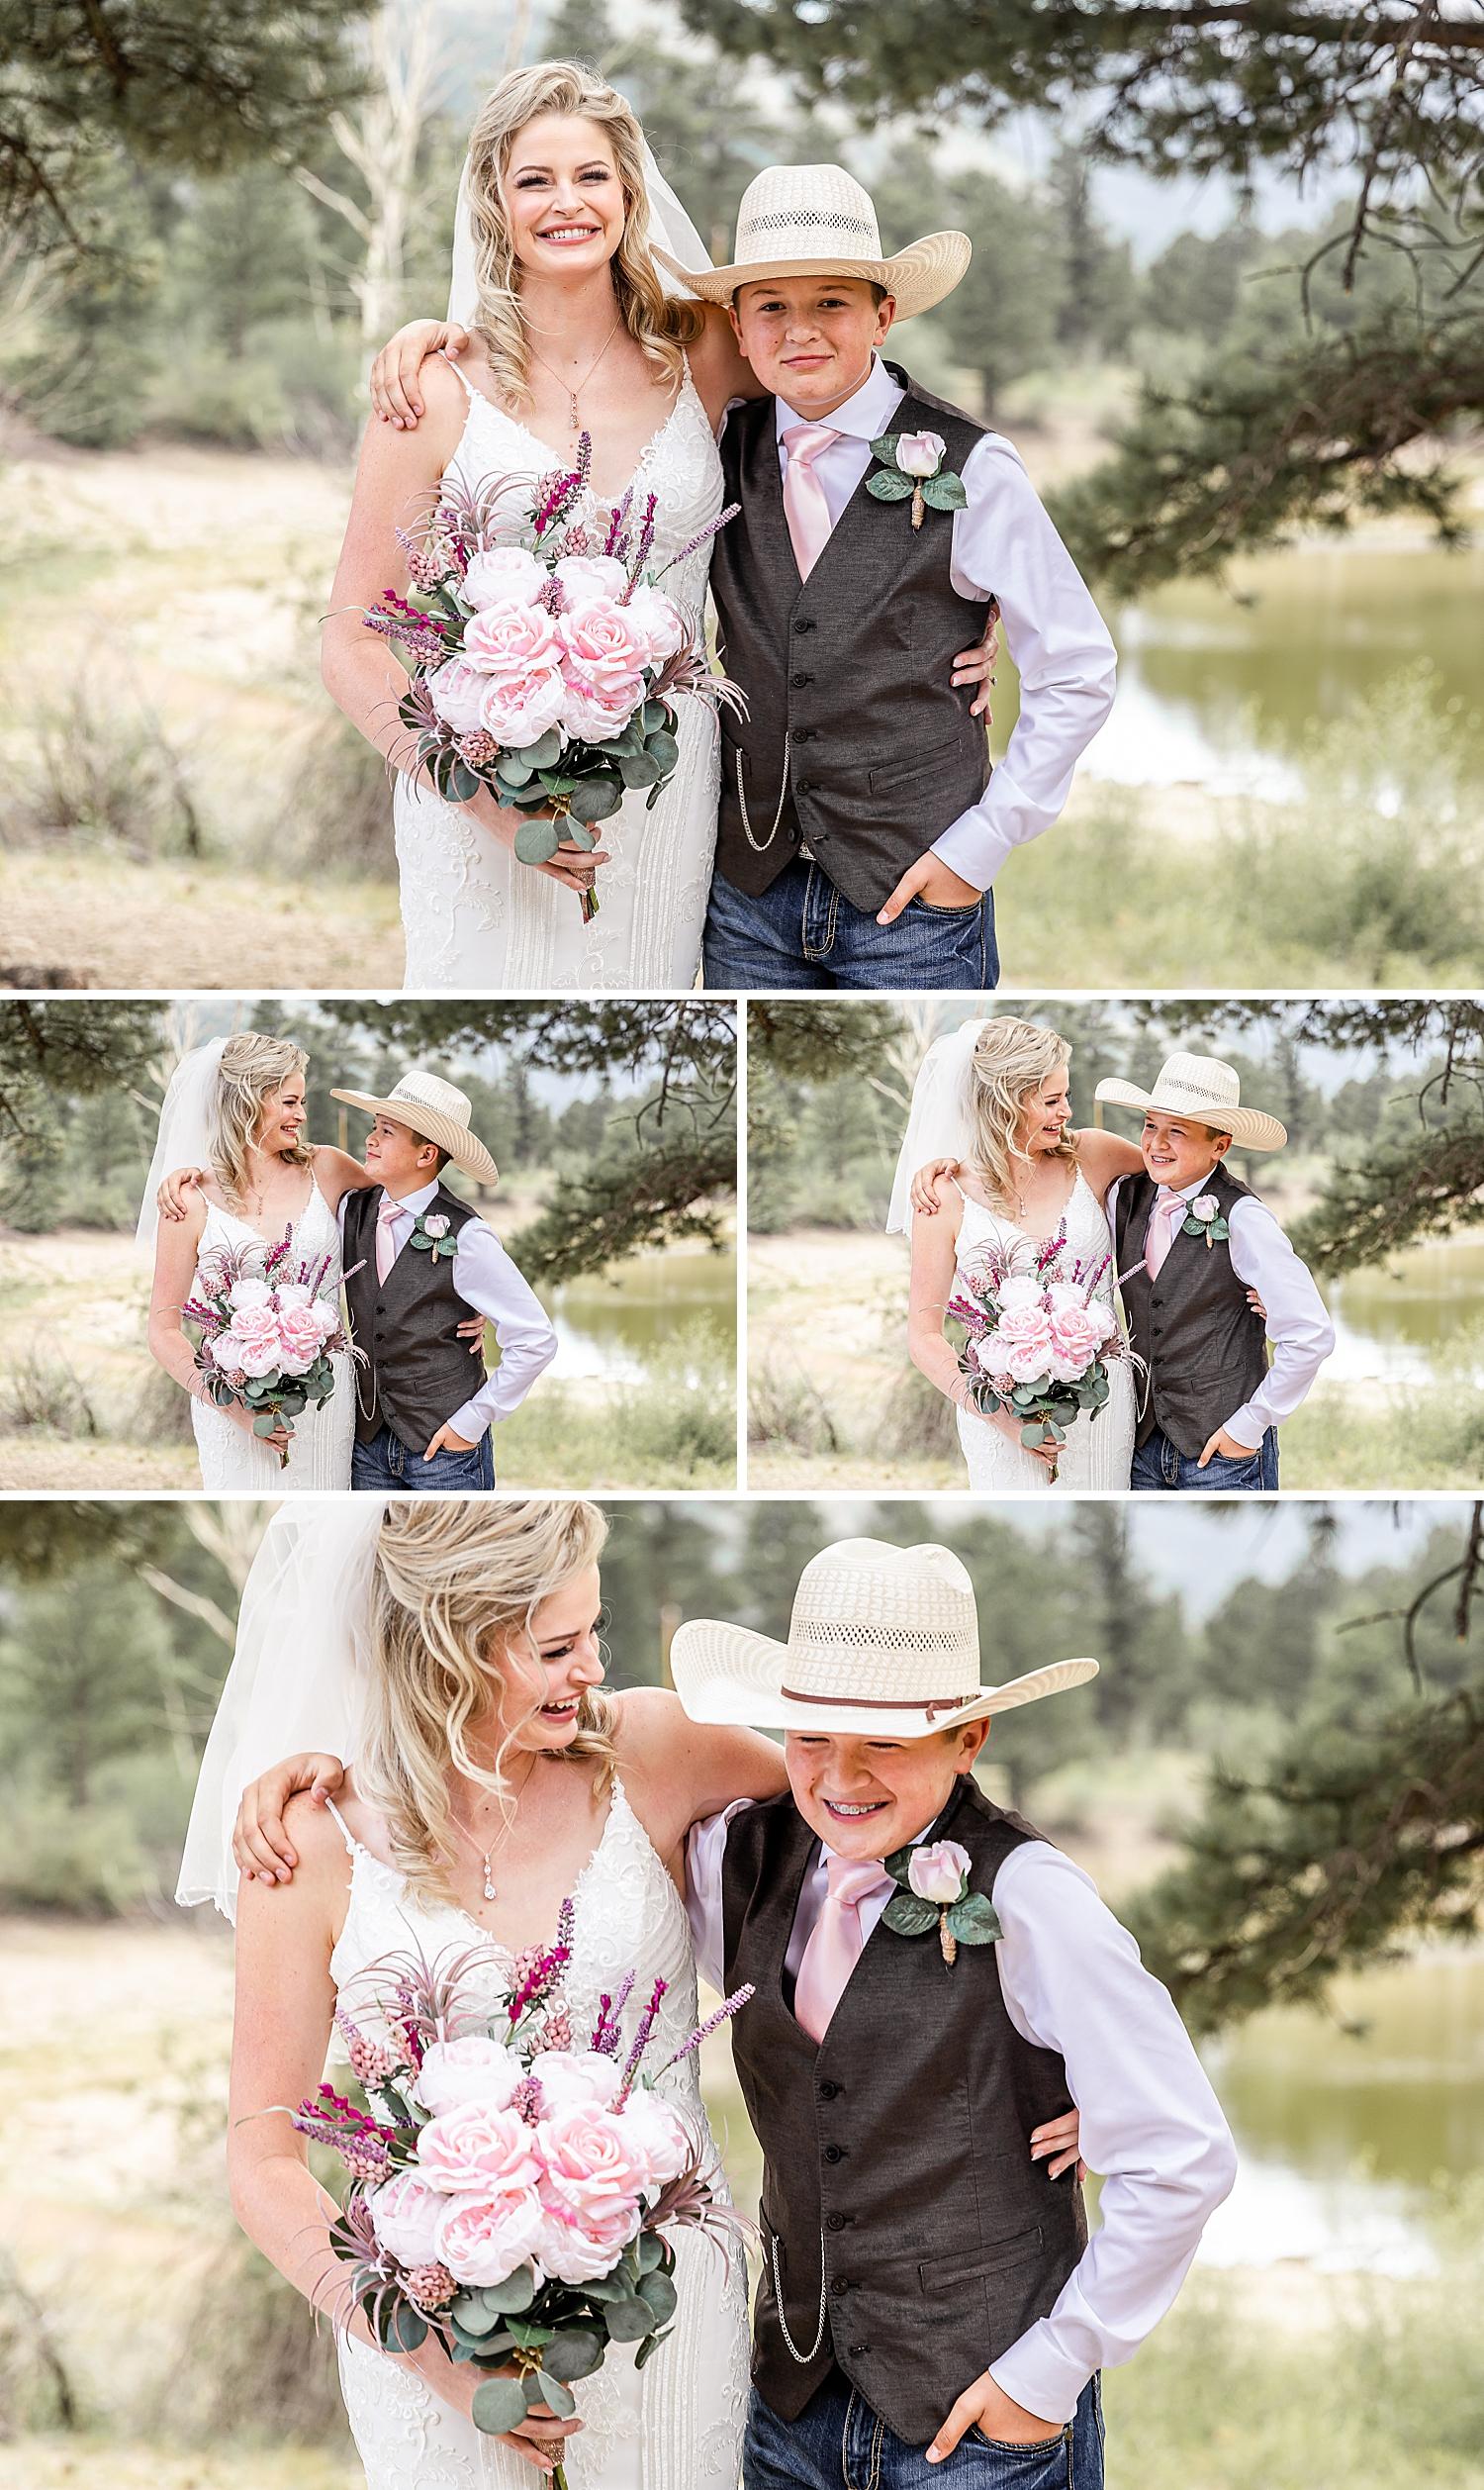 Carly-Barton-Photography-Rocky-Mountain-National-Park-Estes-Park-Wedding-Elopement_0129.jpg